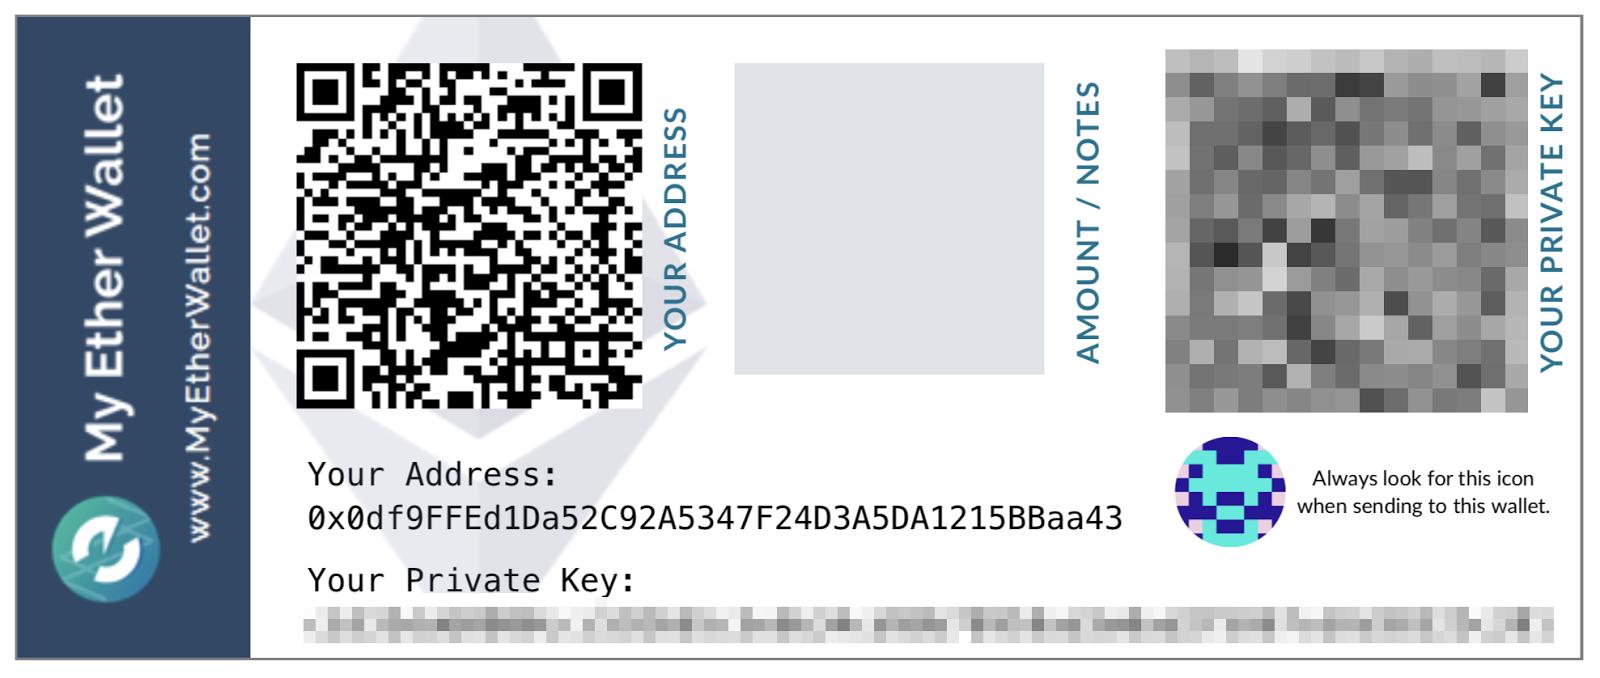 Com'è fatta una chiave pubblica Ethereum